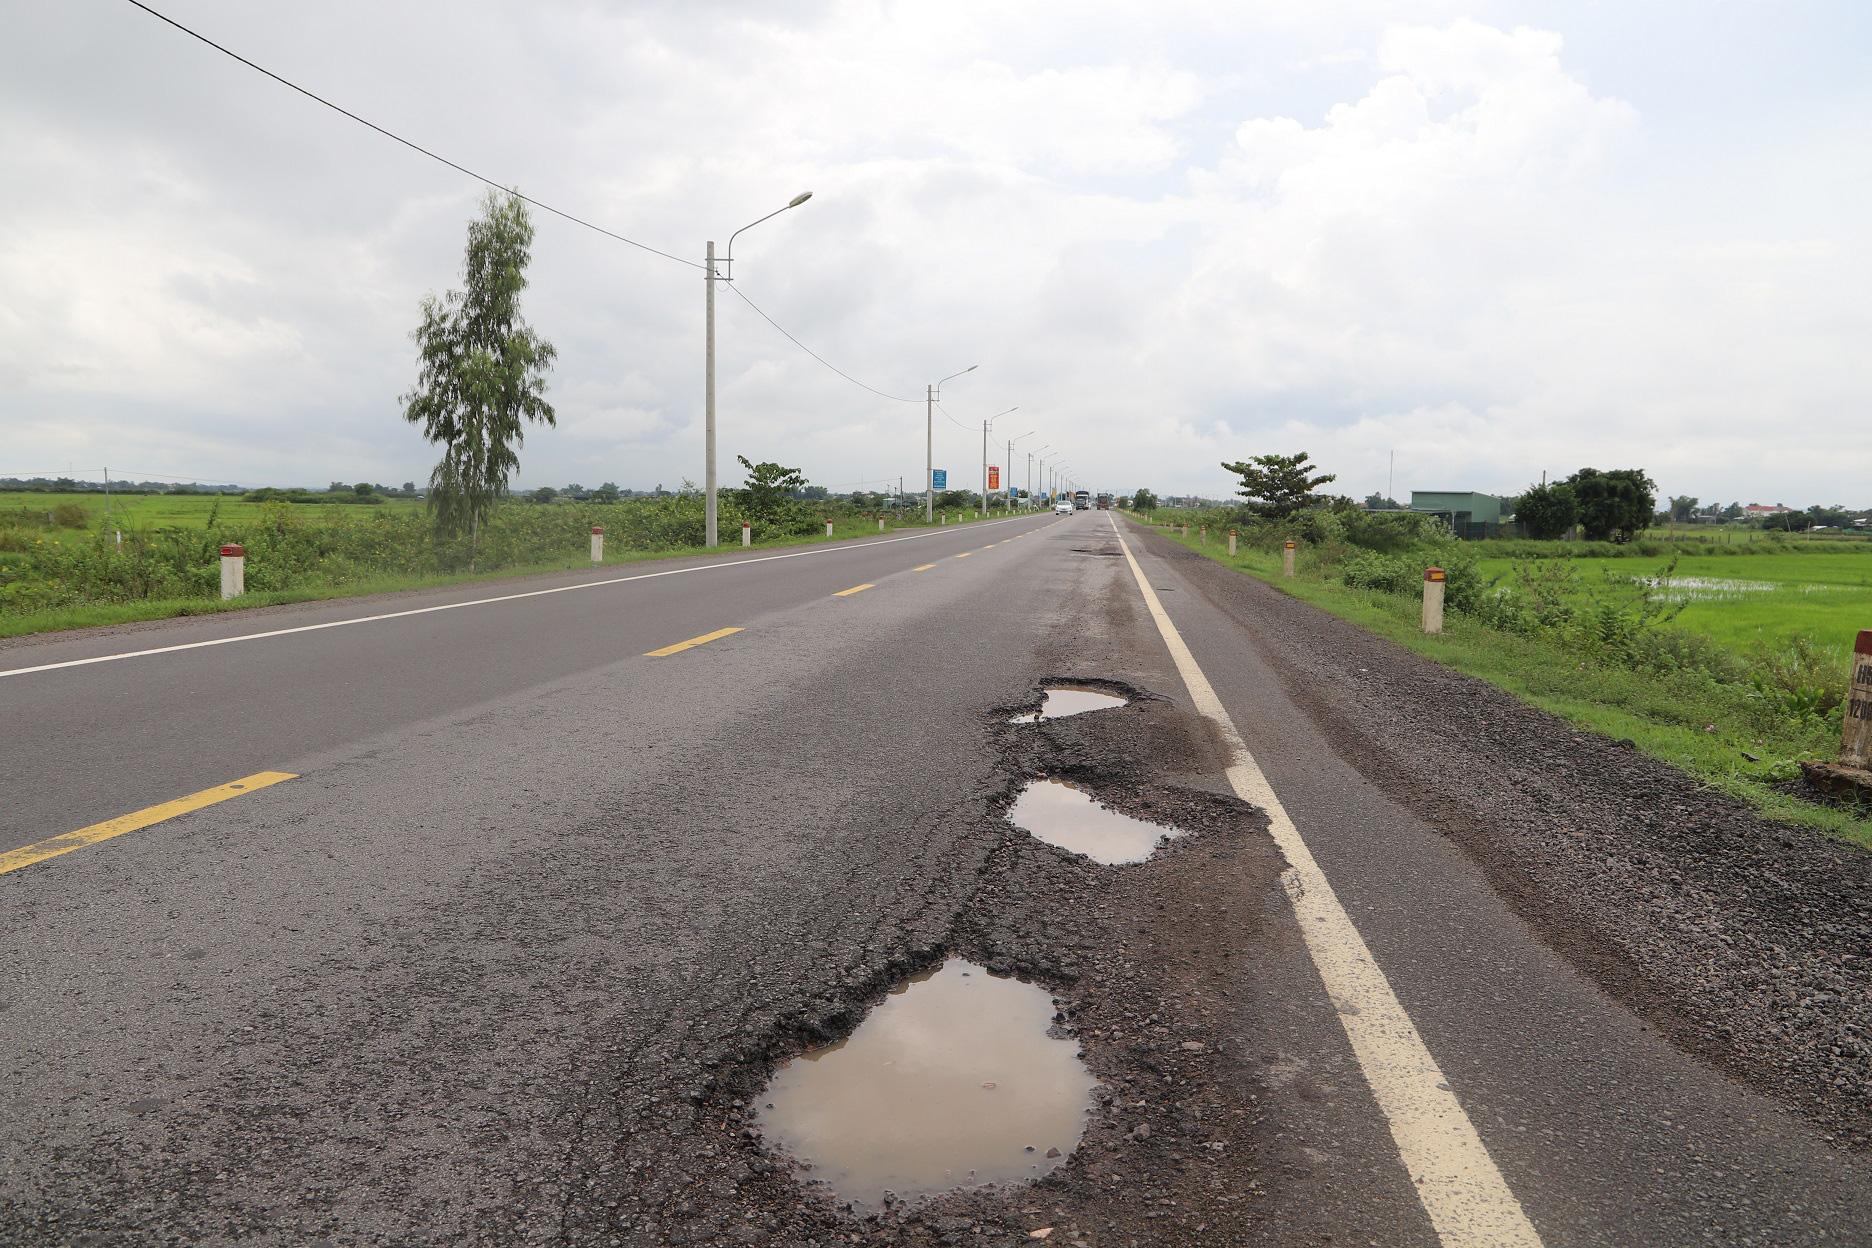 """Quốc lộ 1 ở Bình Định, từng bị gọi là đoạn đường """"xấu nhất Việt Nam""""… xuất hiện """"ổ voi, ổ gà""""  - Ảnh 8."""